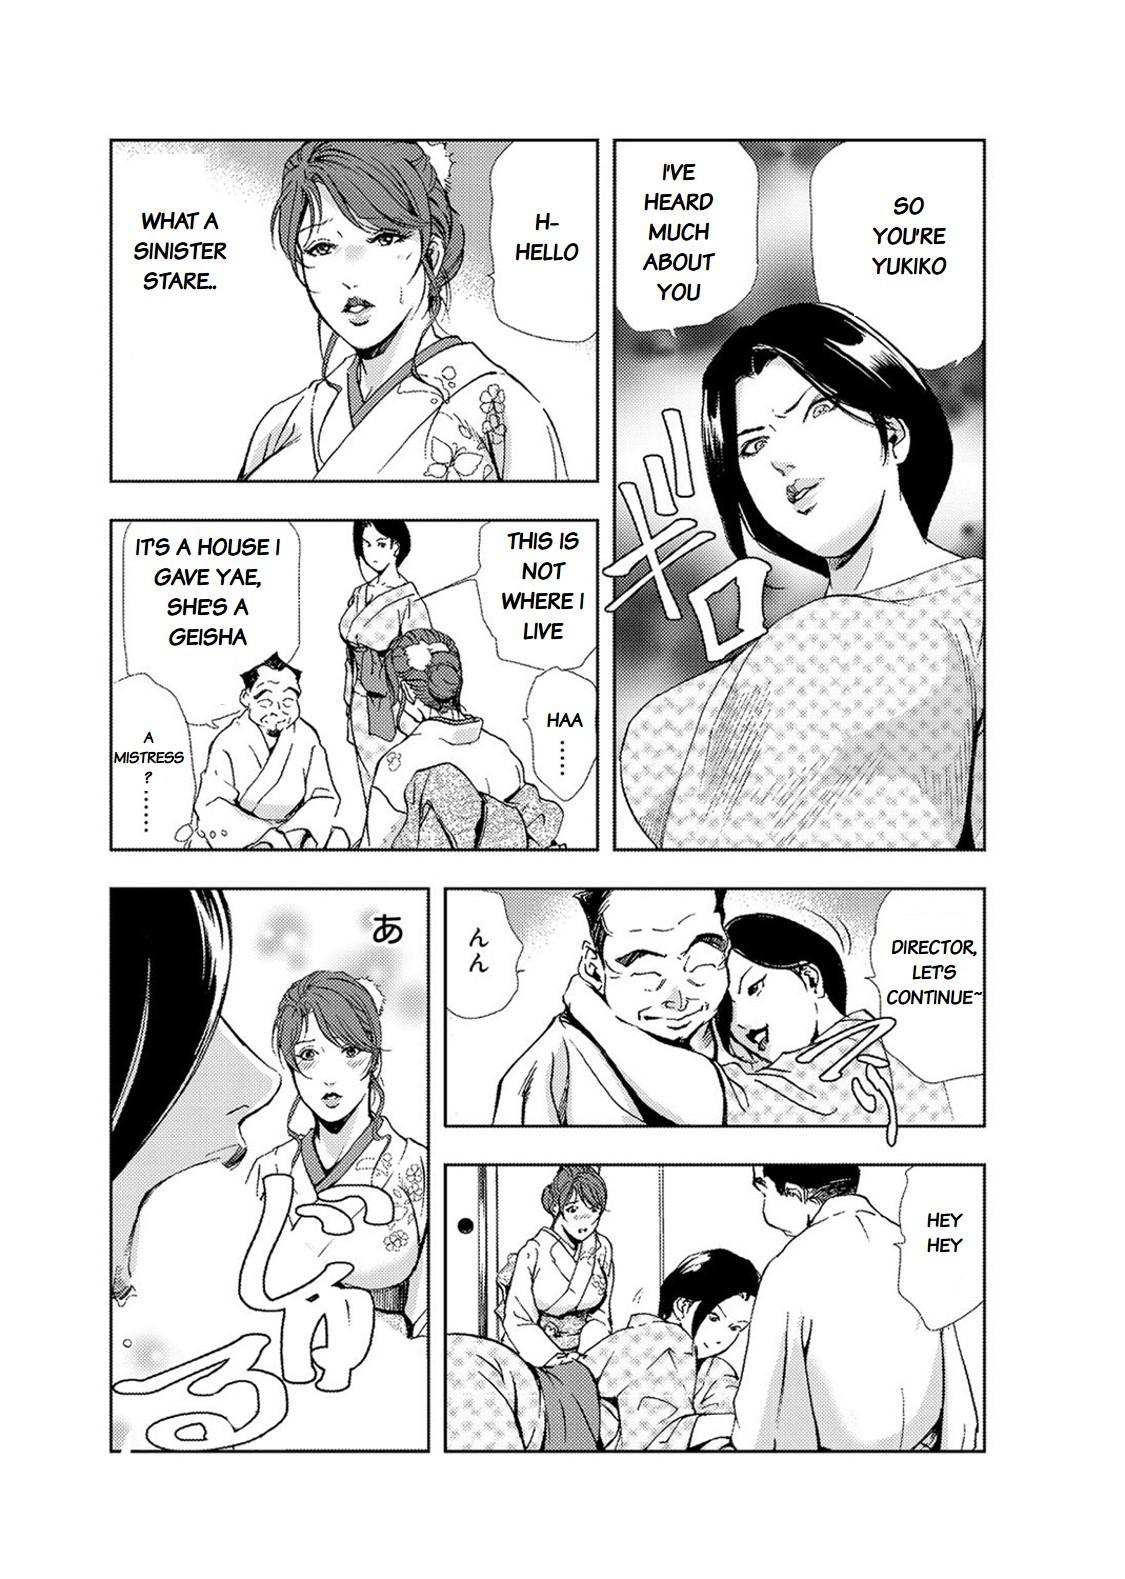 Nikuhisyo Yukiko chapter 17 9